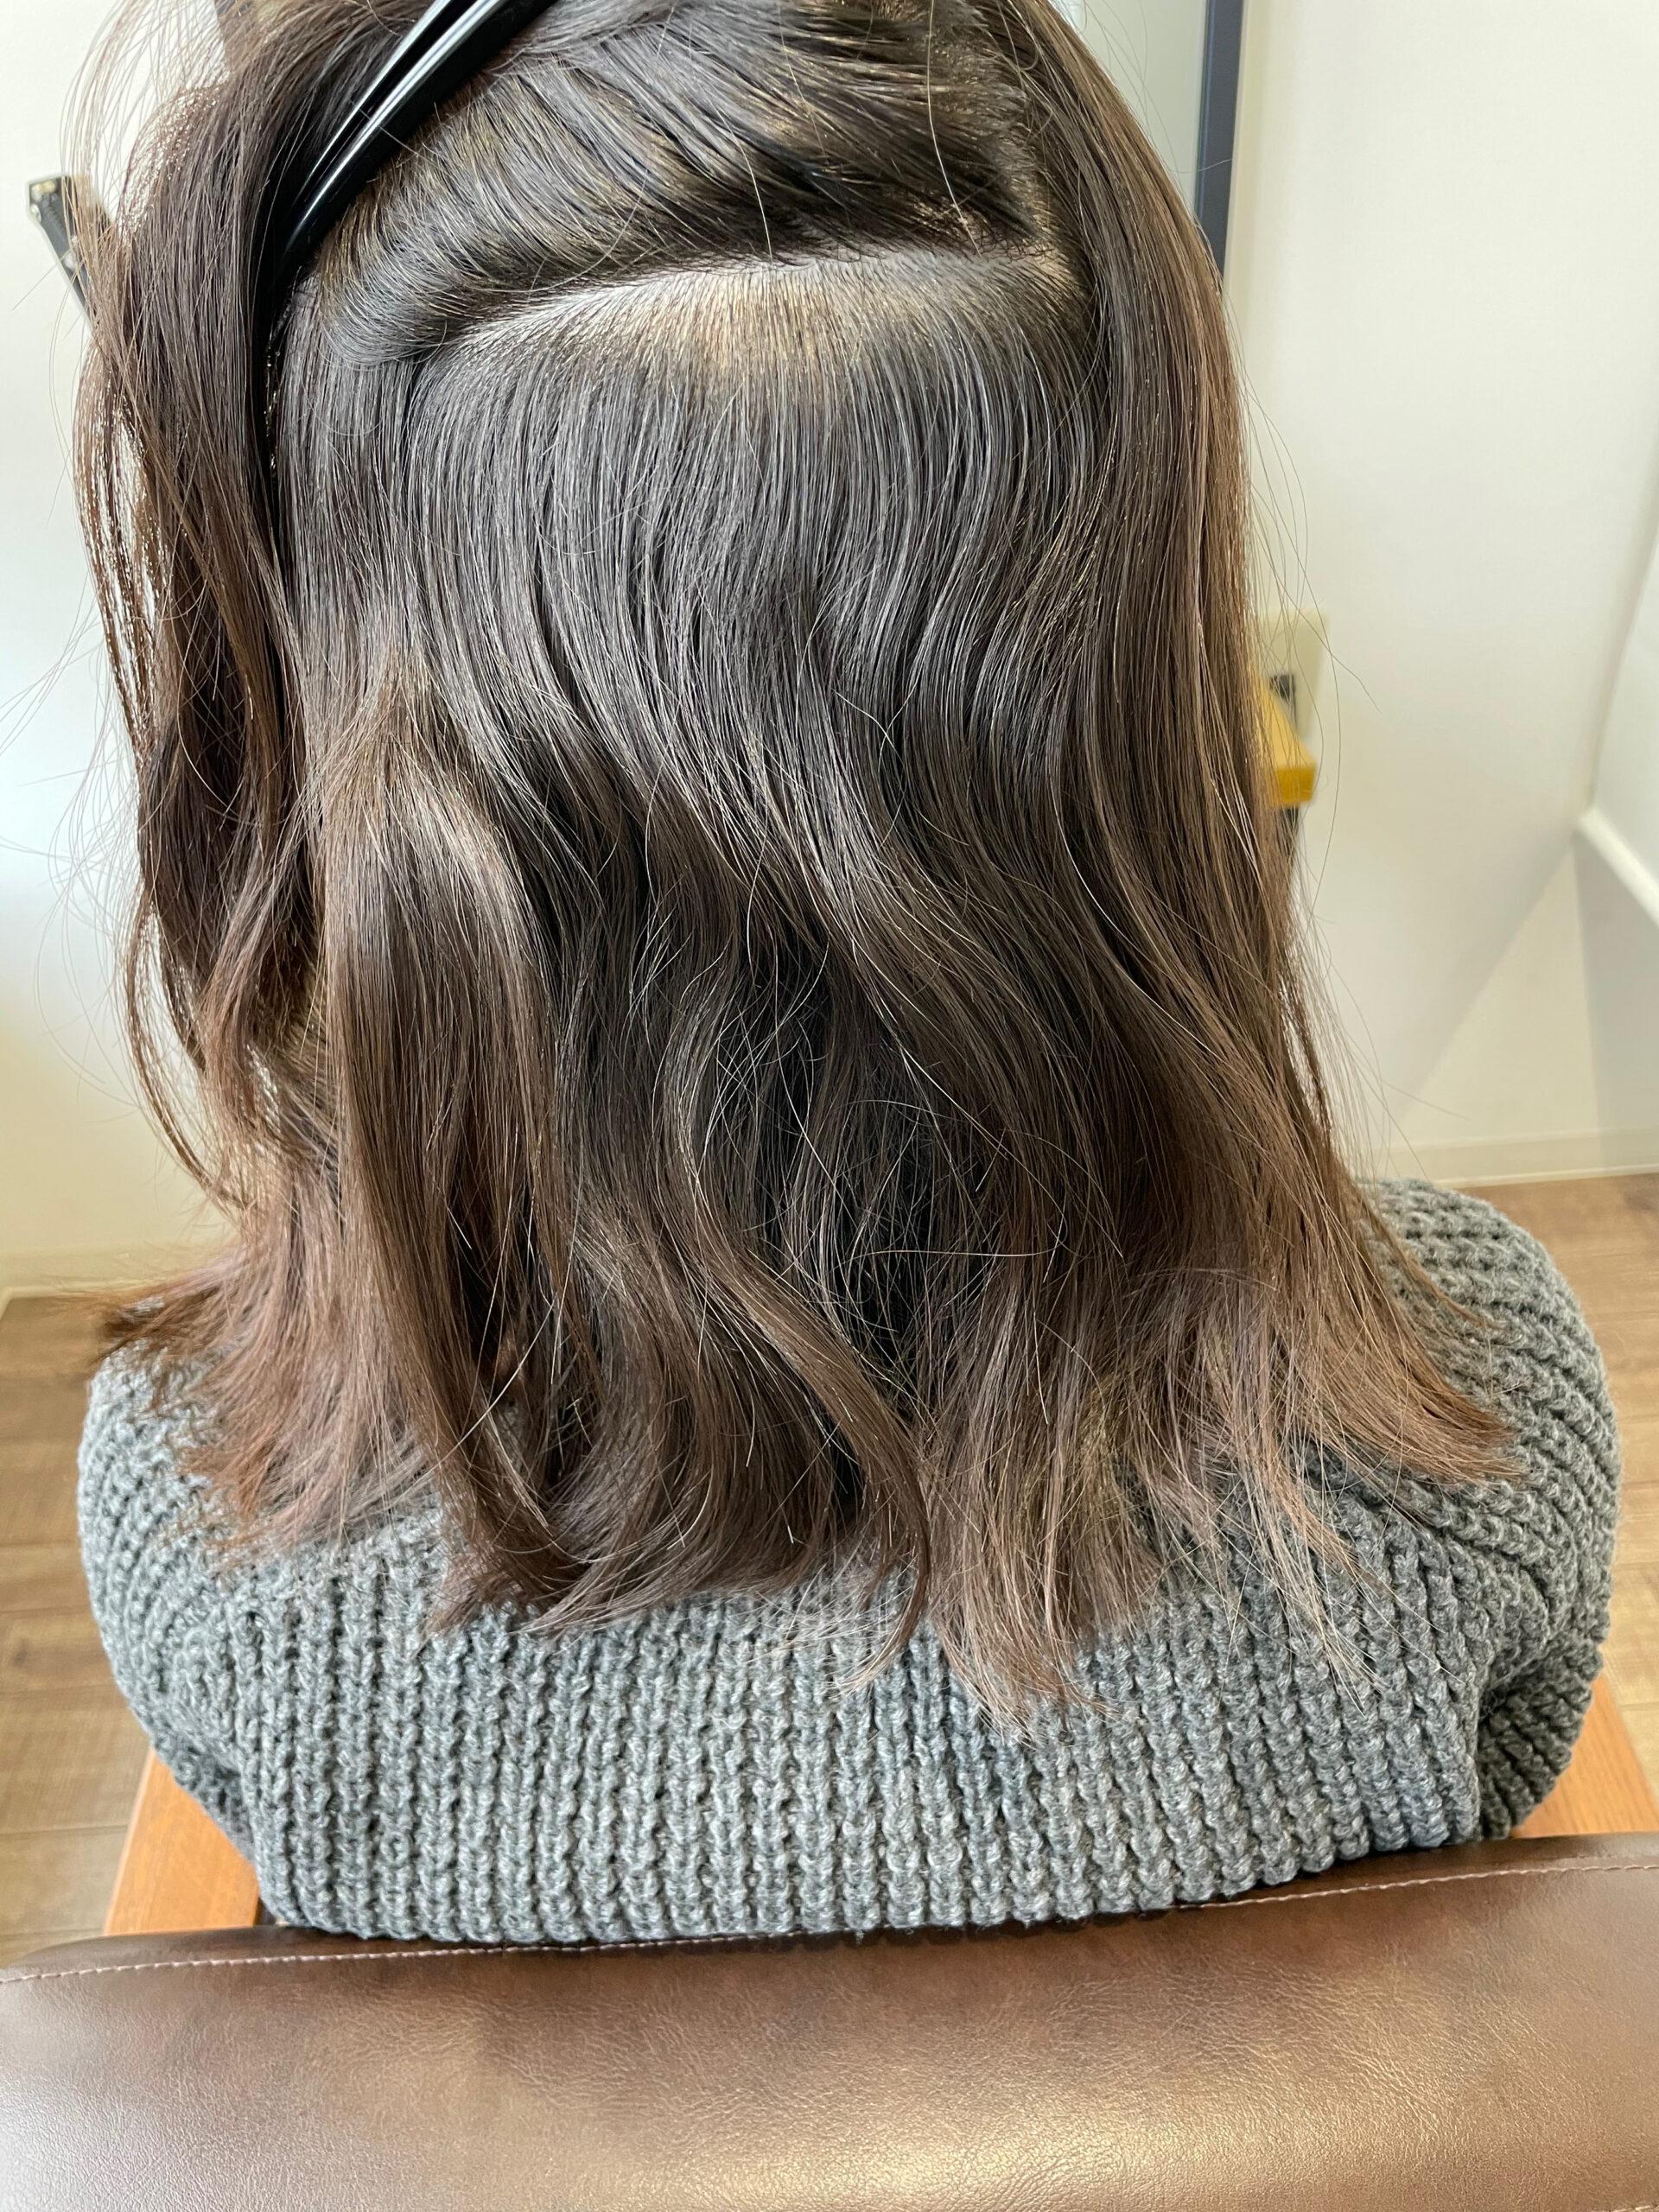 大分県別府市 弱酸性の縮毛矯正でツヤツヤ、サラサラのストレートヘア ビフォー